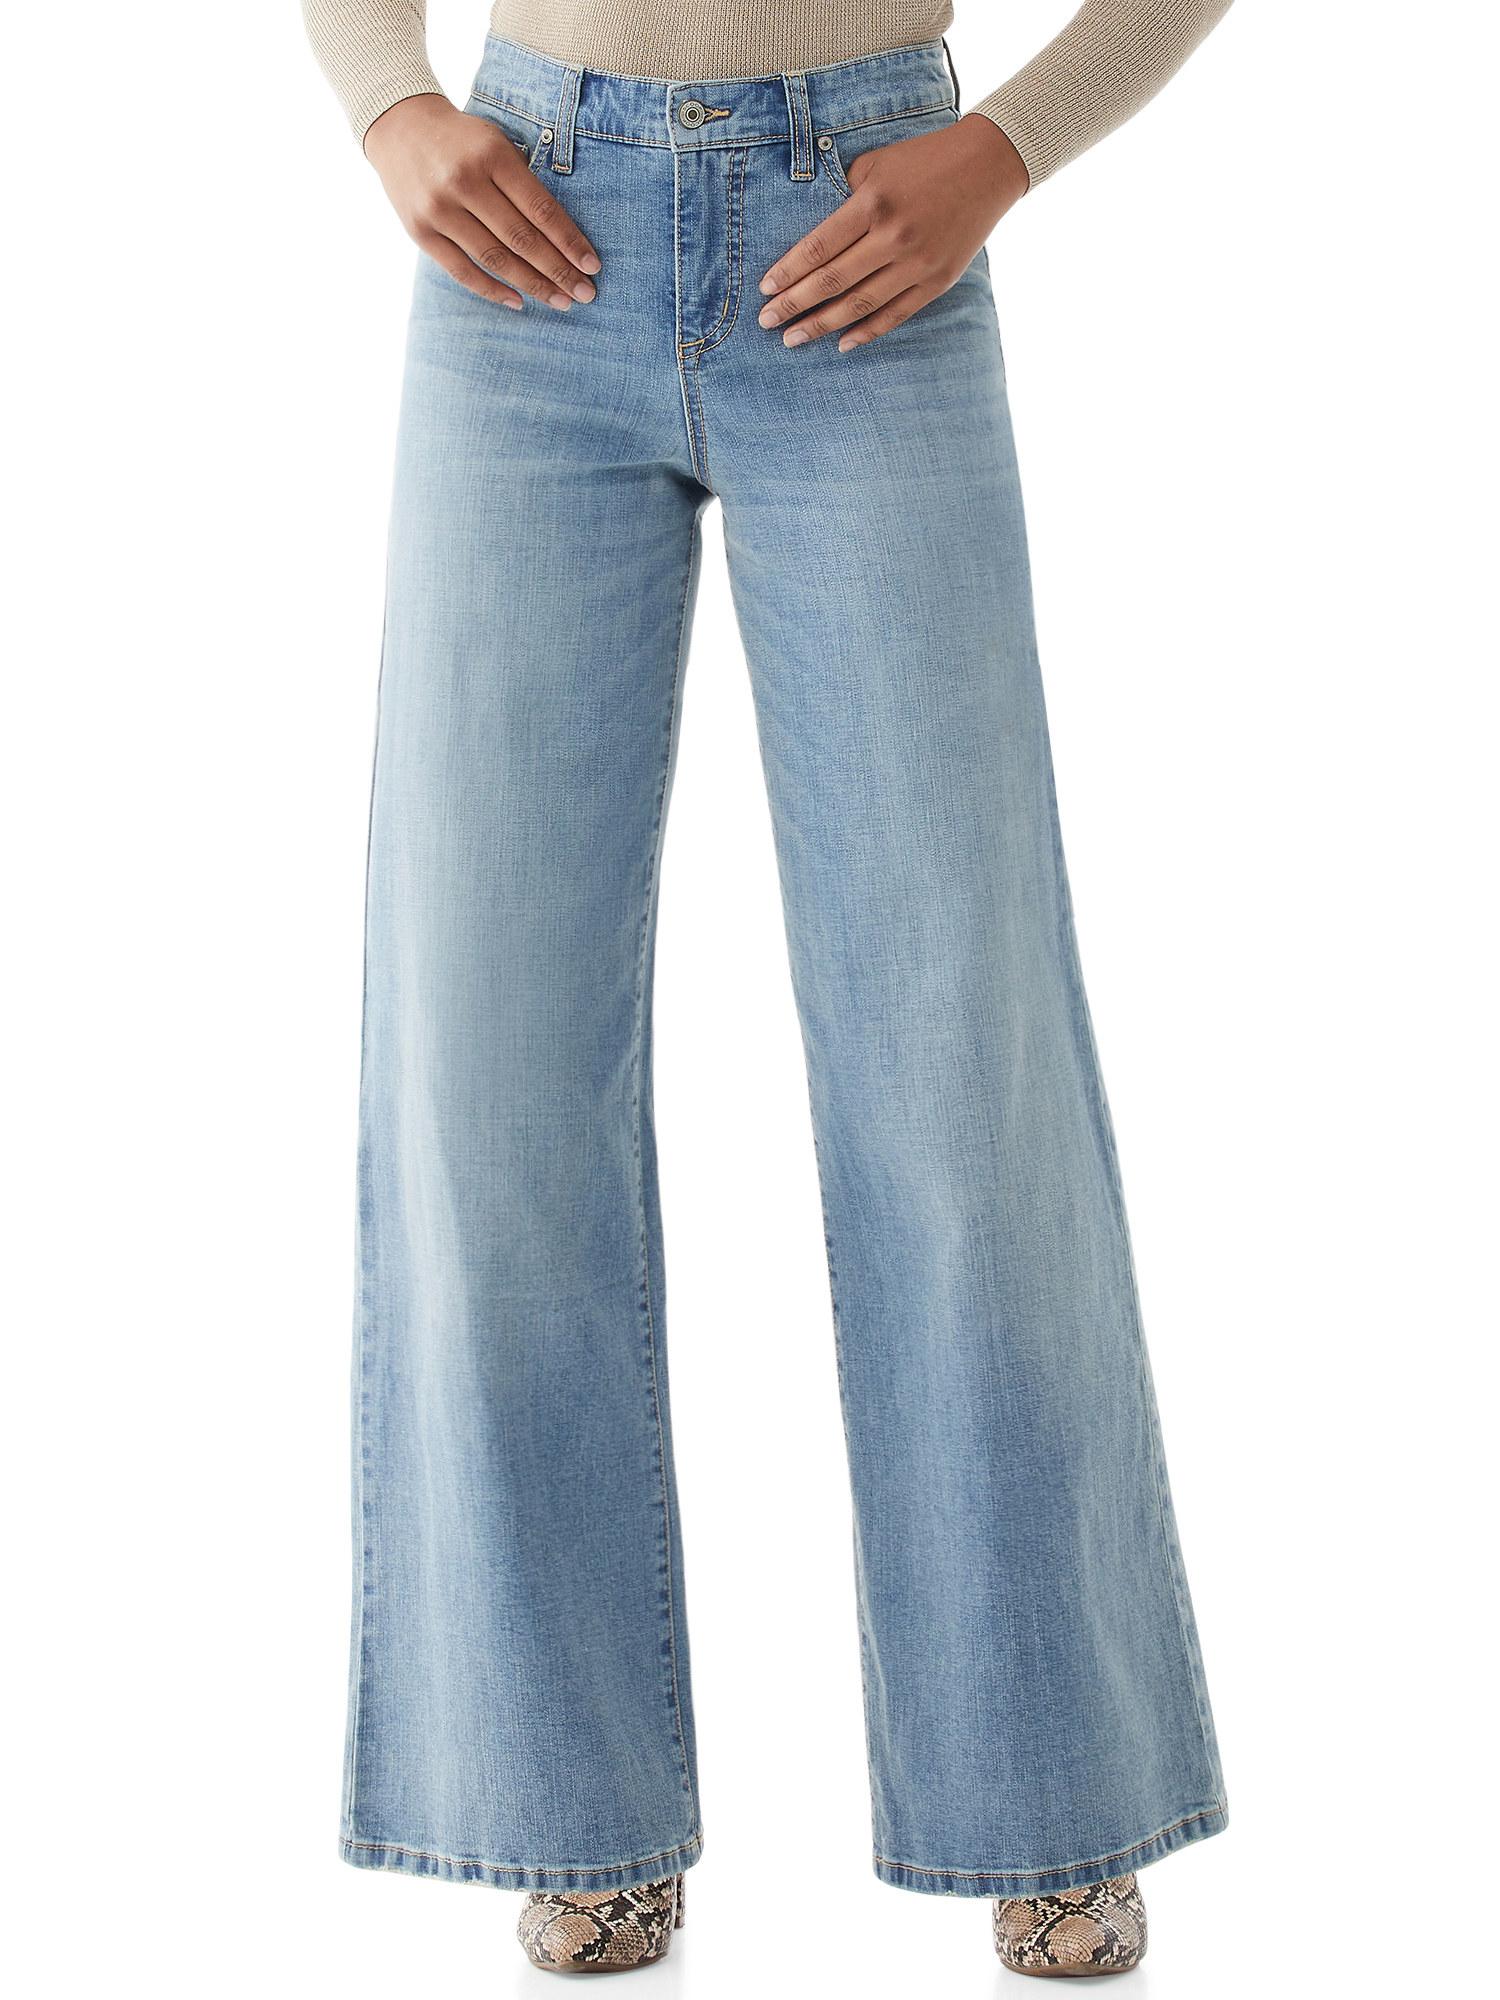 Model wears super wide leg jeans